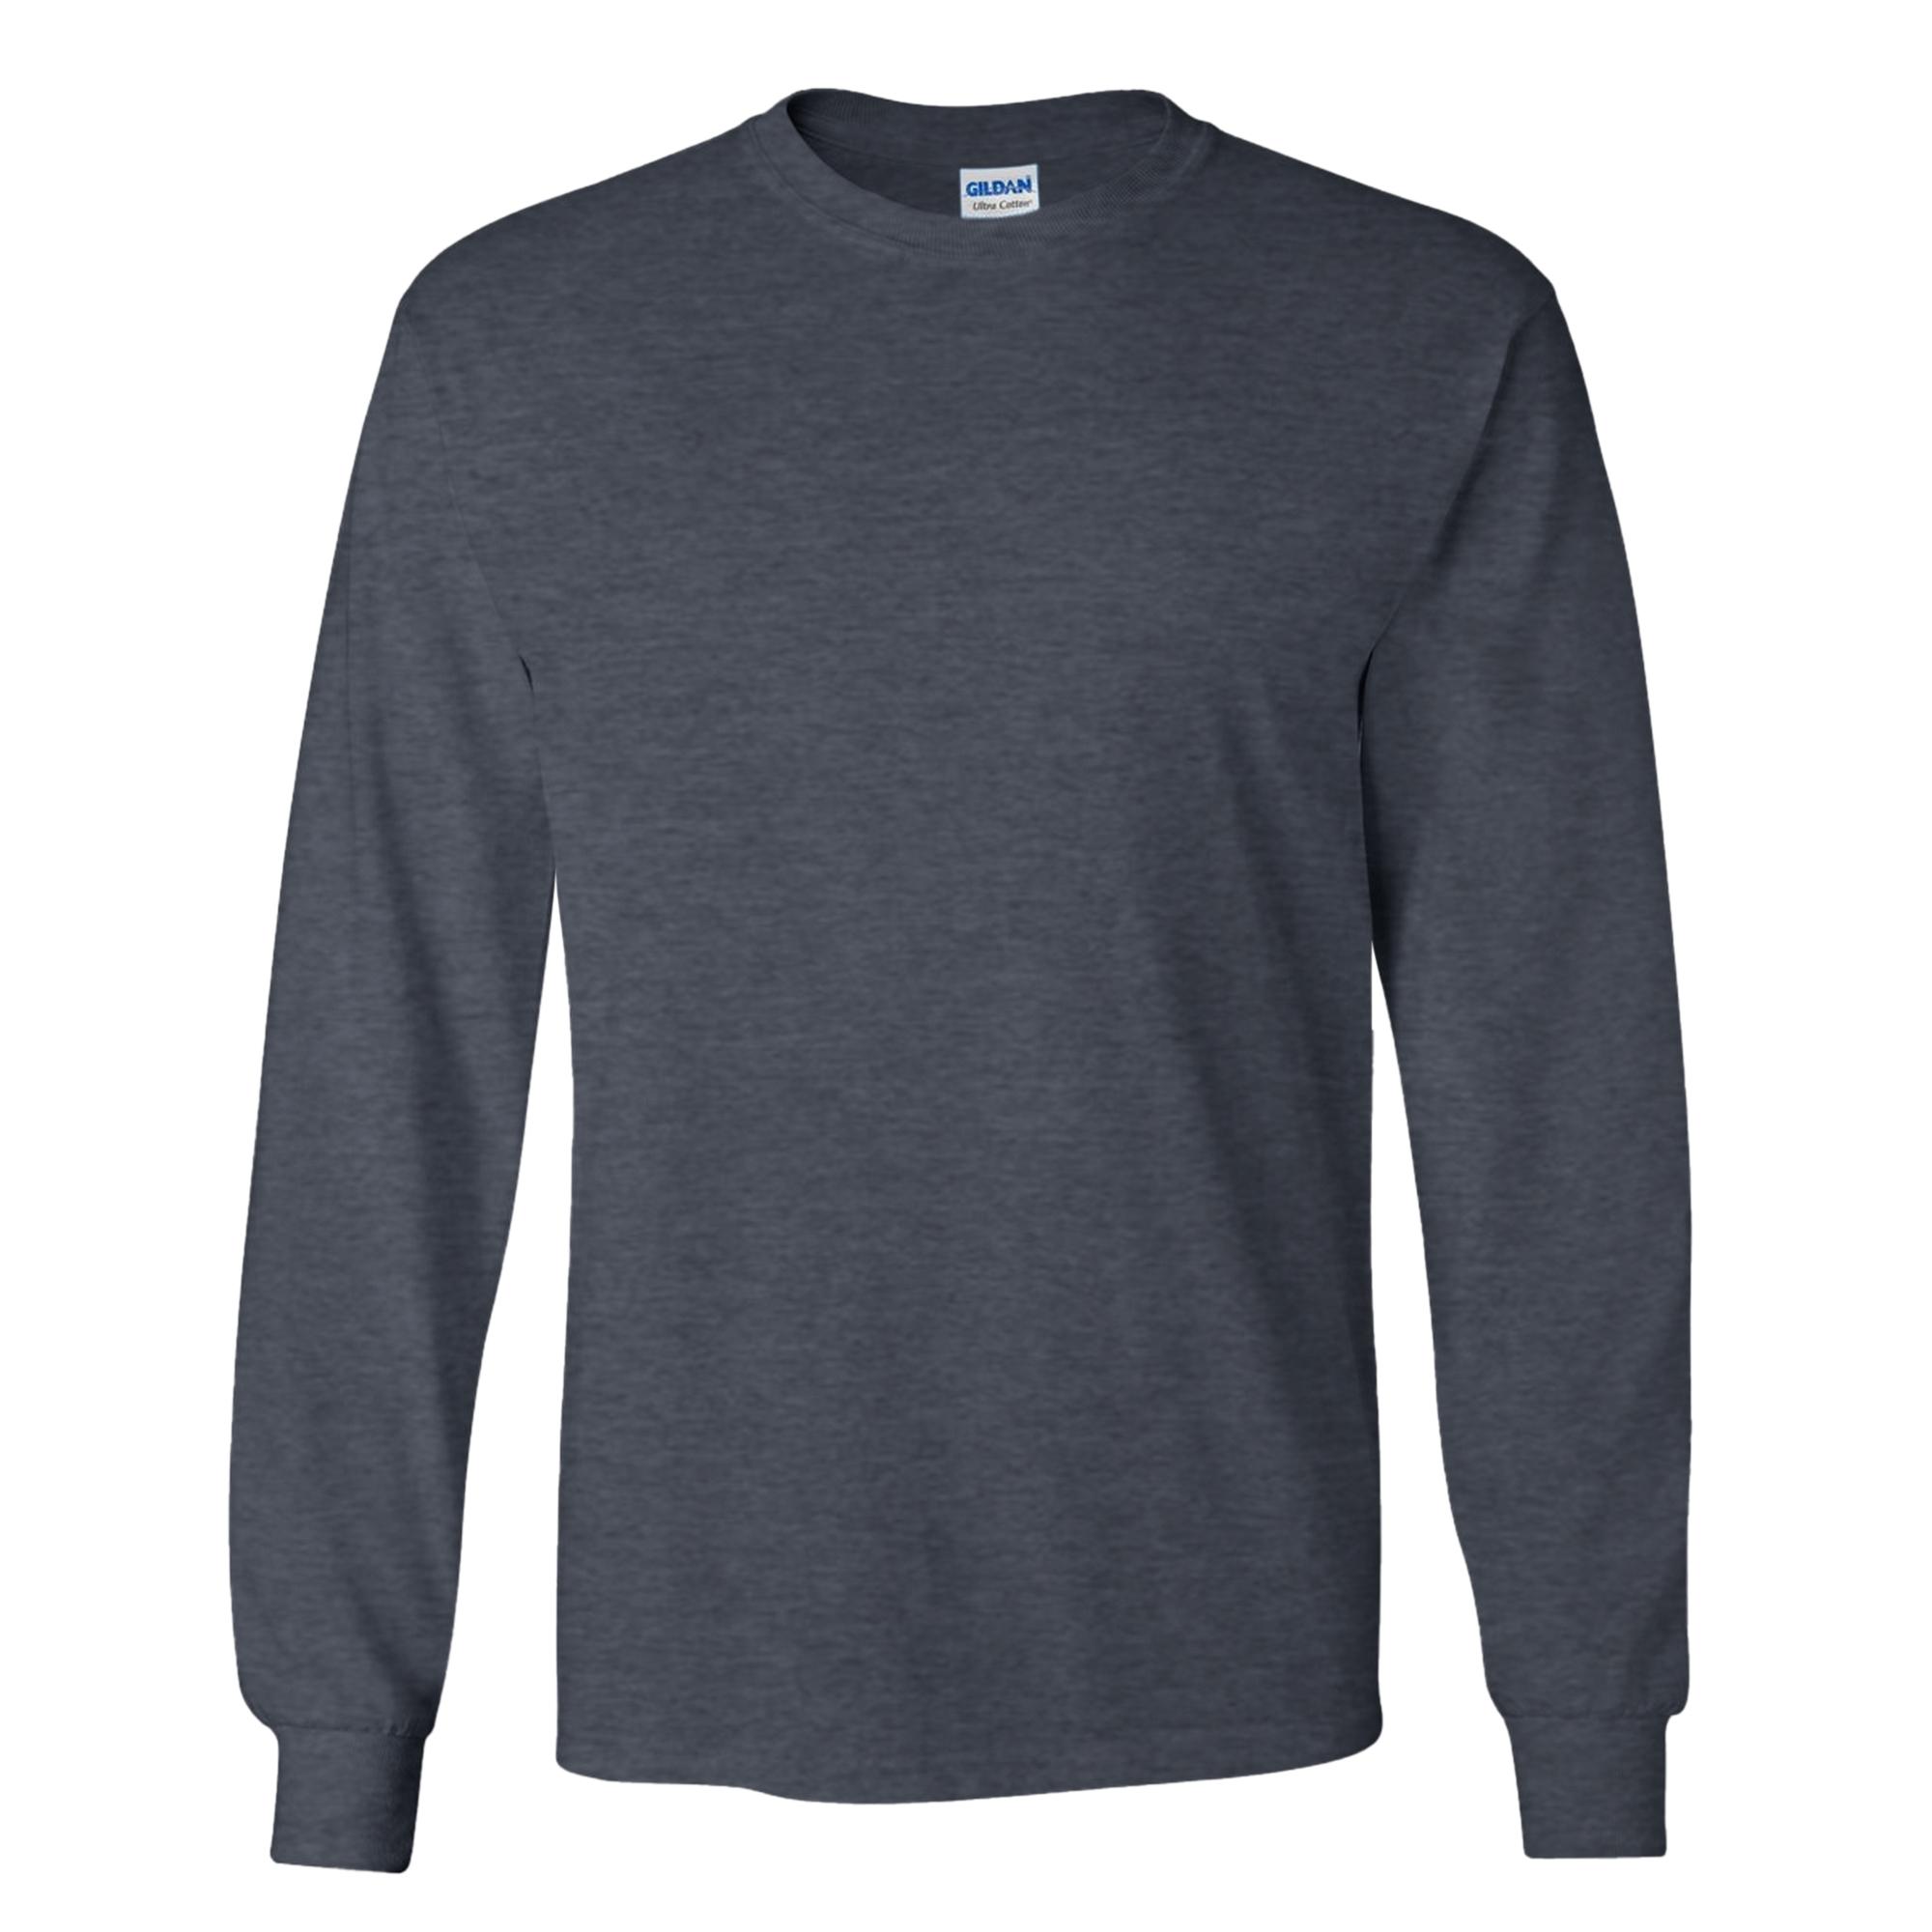 miniature 35 - T-shirt-uni-a-manches-longues-Gildan-100-coton-pour-homme-S-2XL-BC477